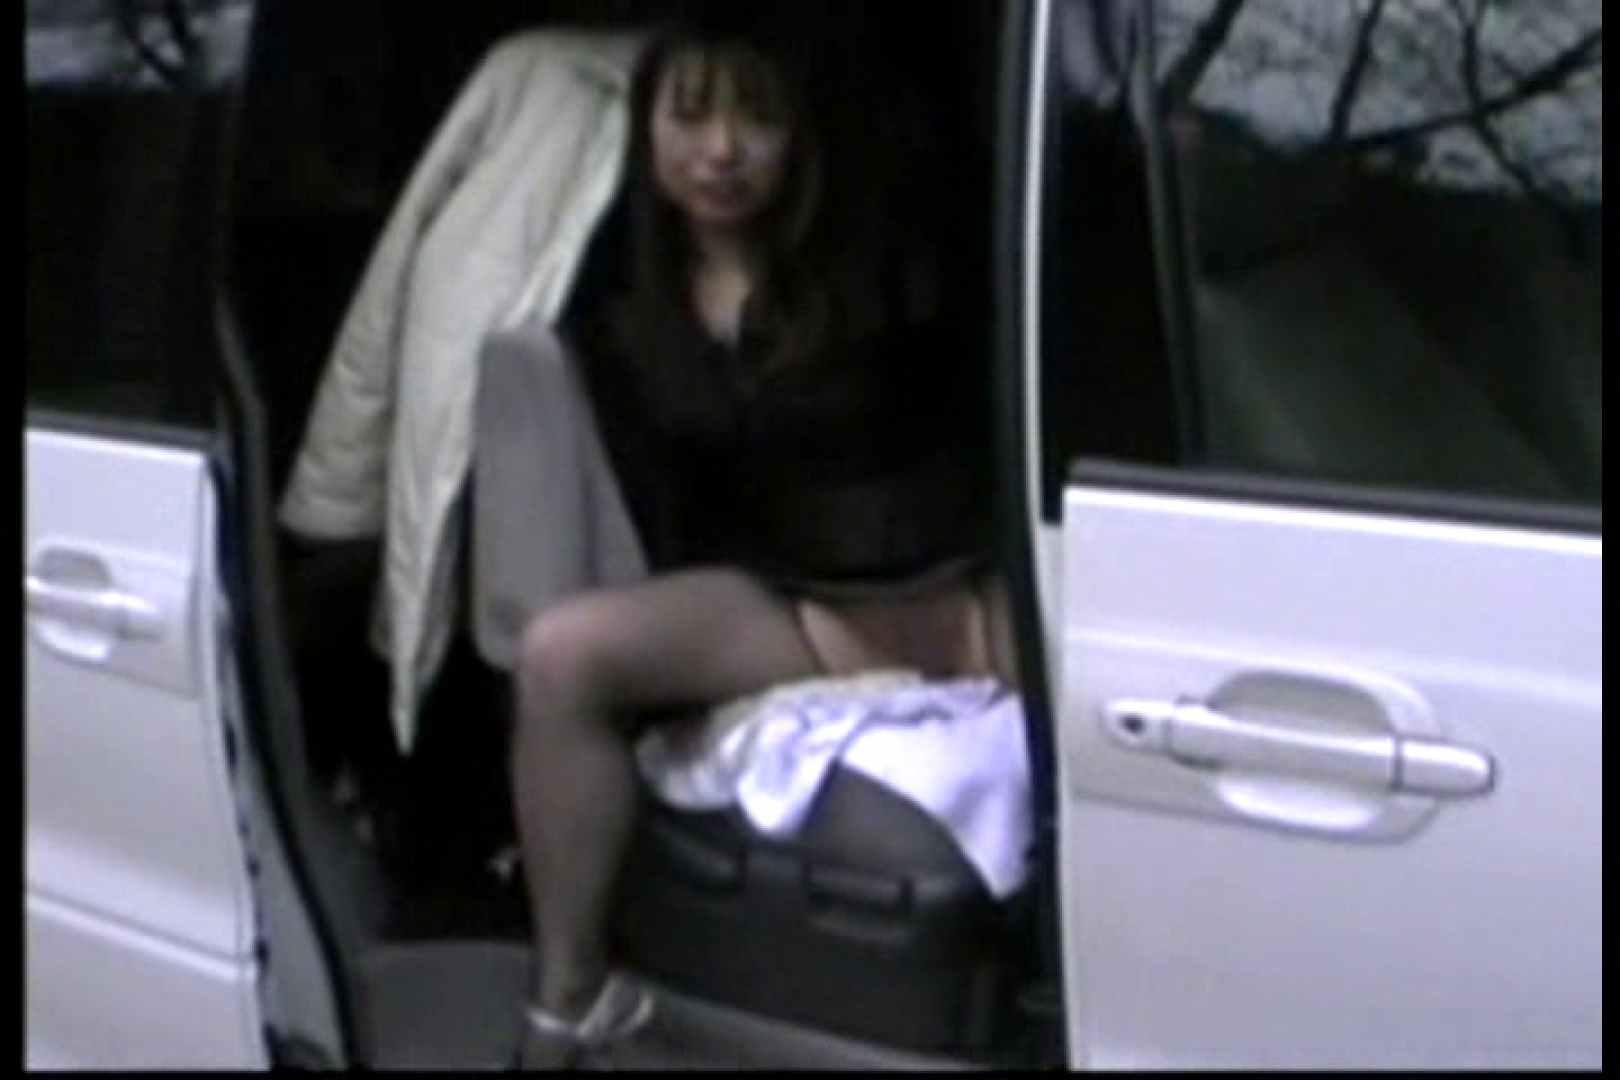 美熟女の野外露出プレイ2 野外 セックス無修正動画無料 83連発 44